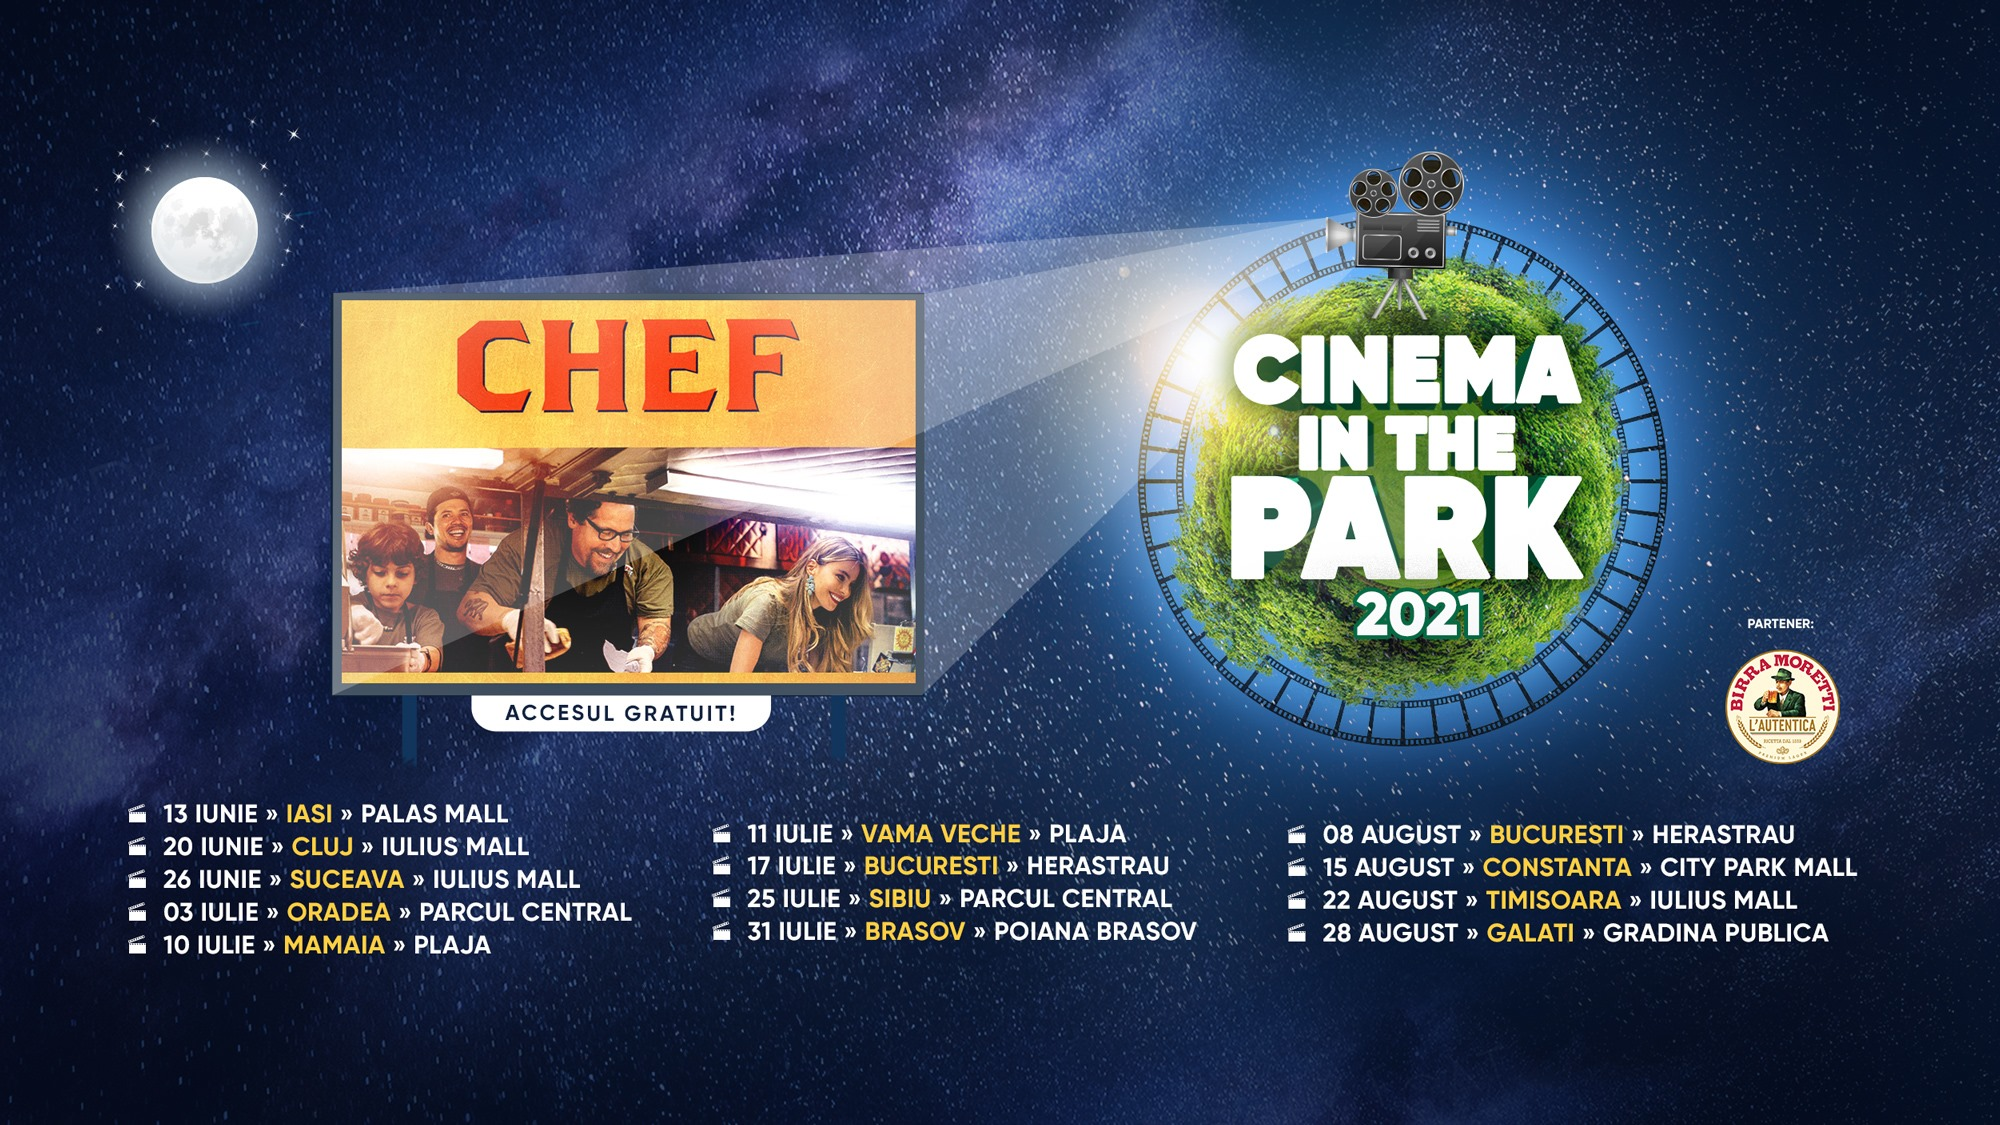 Cinema In The Park - Iulius Mall Cluj-Napoca- CHEF